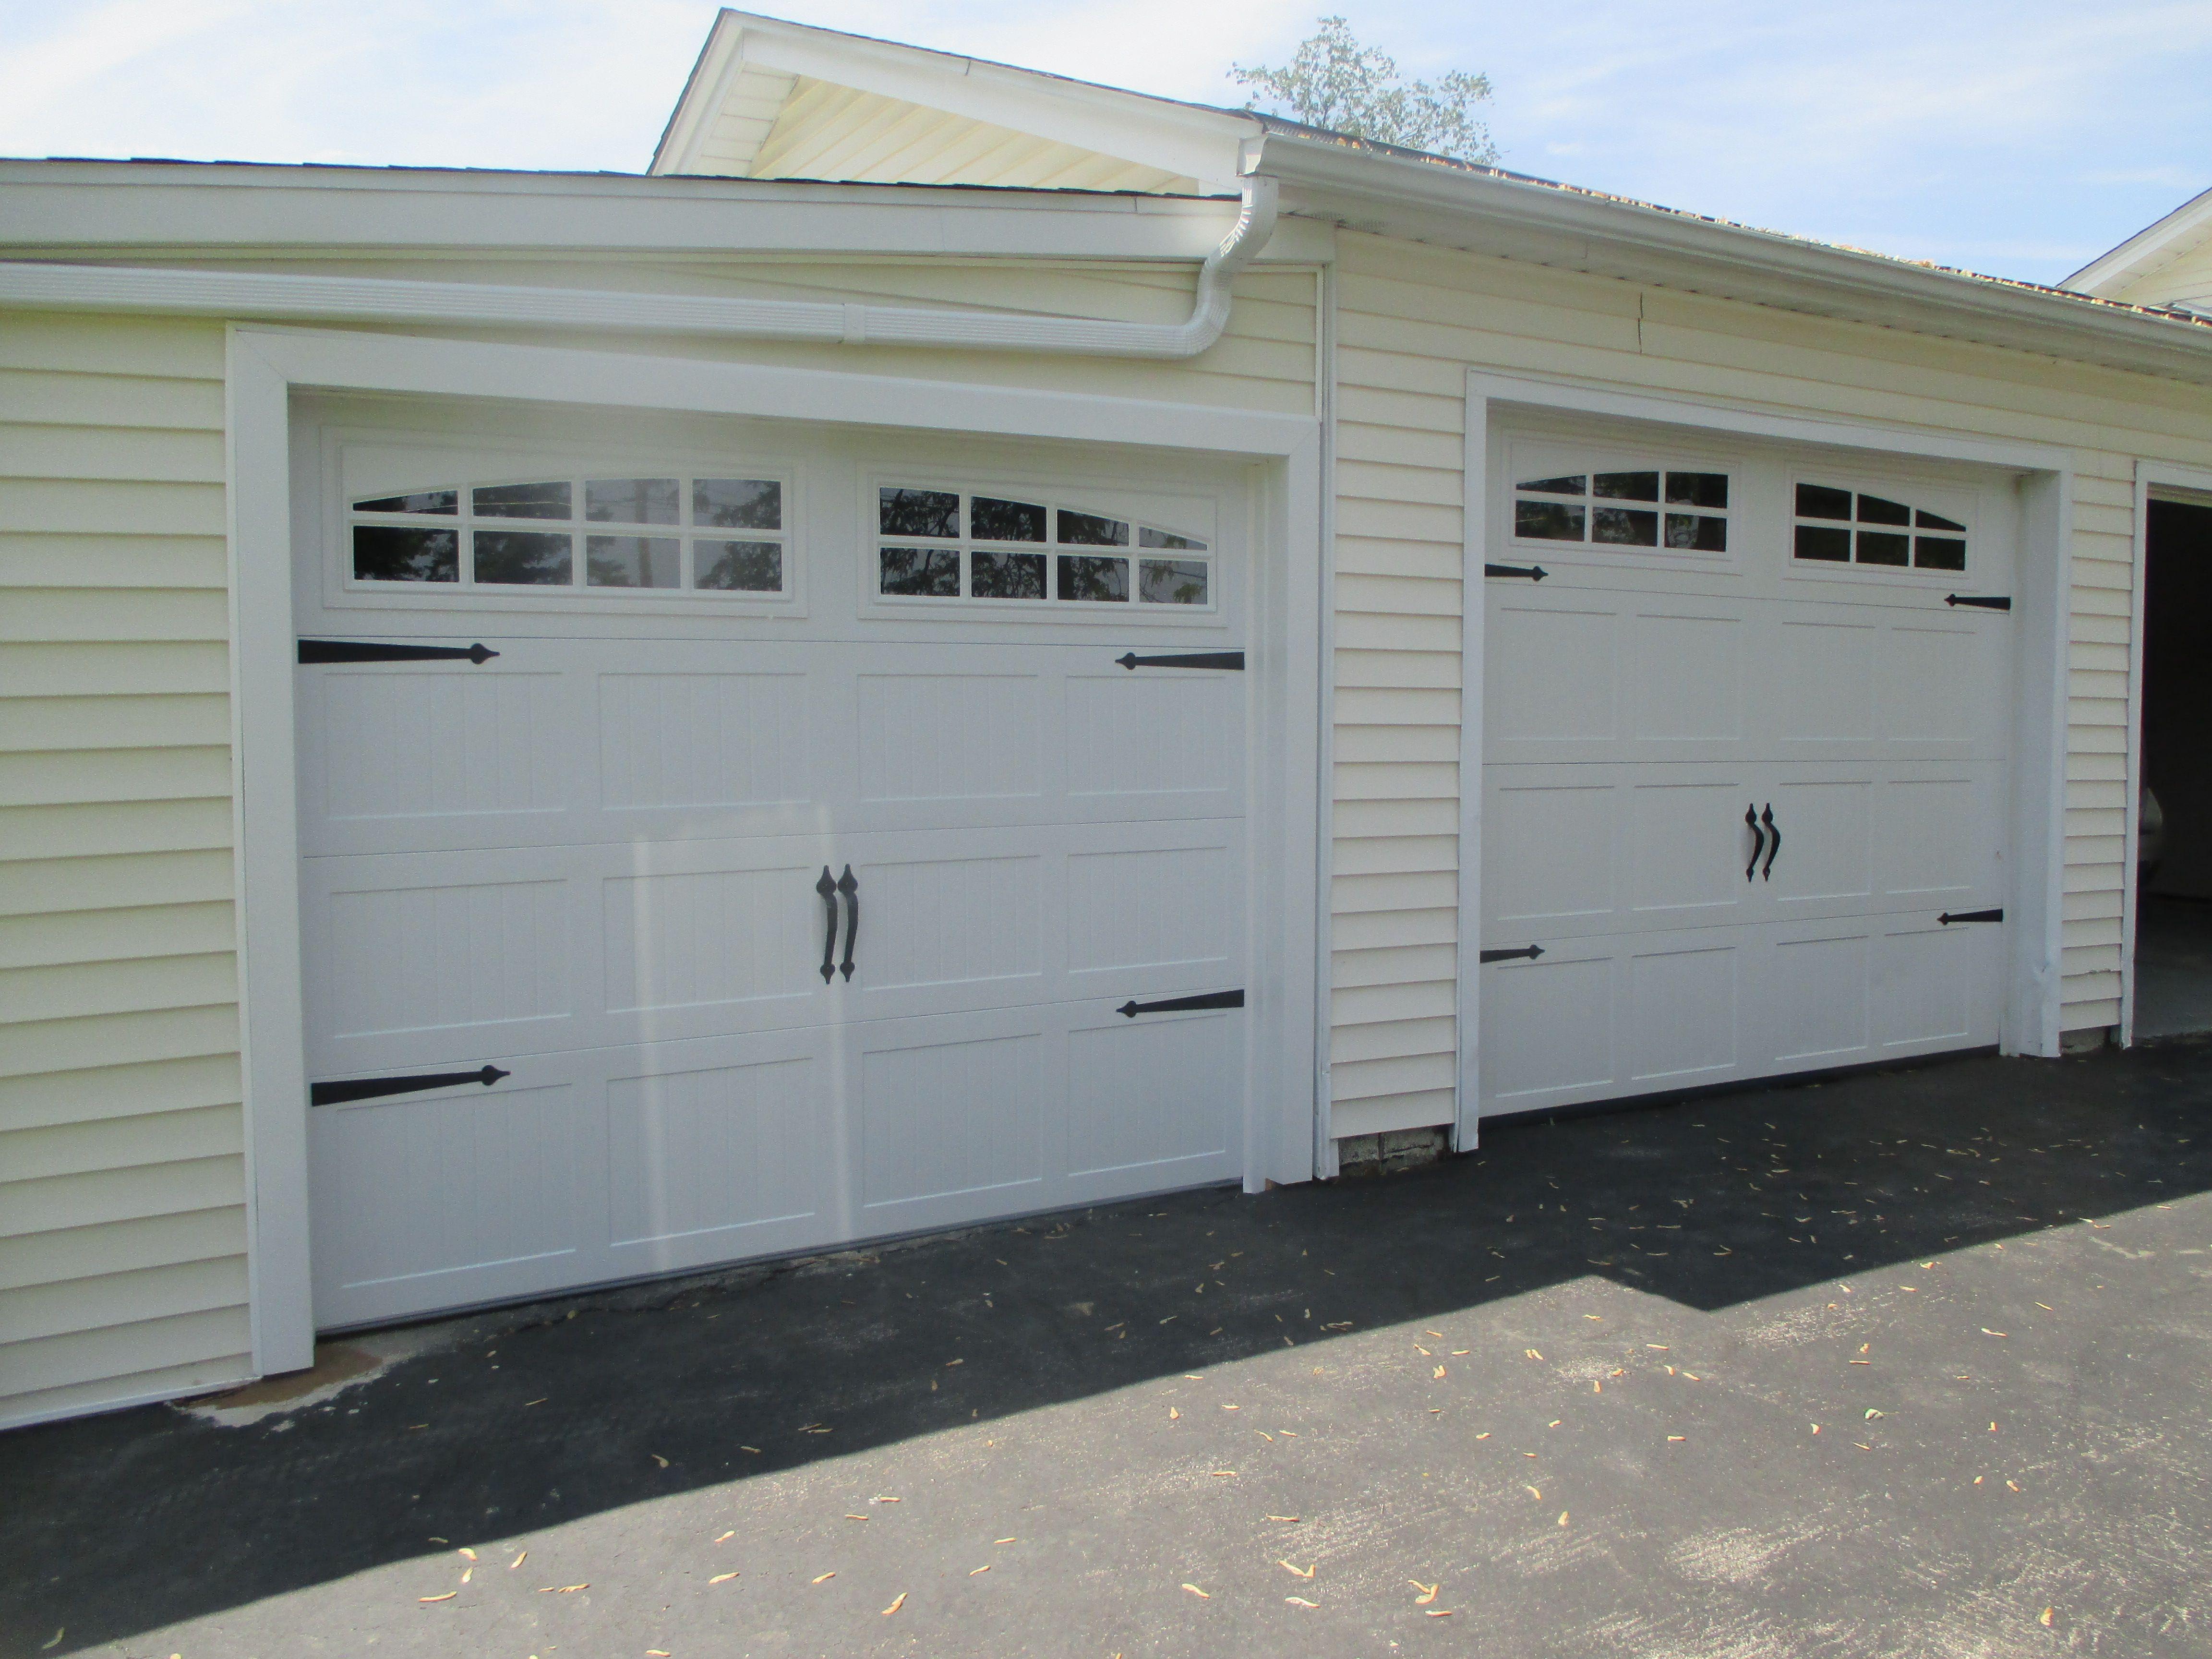 716 655 5109 Western New York Garage Doors